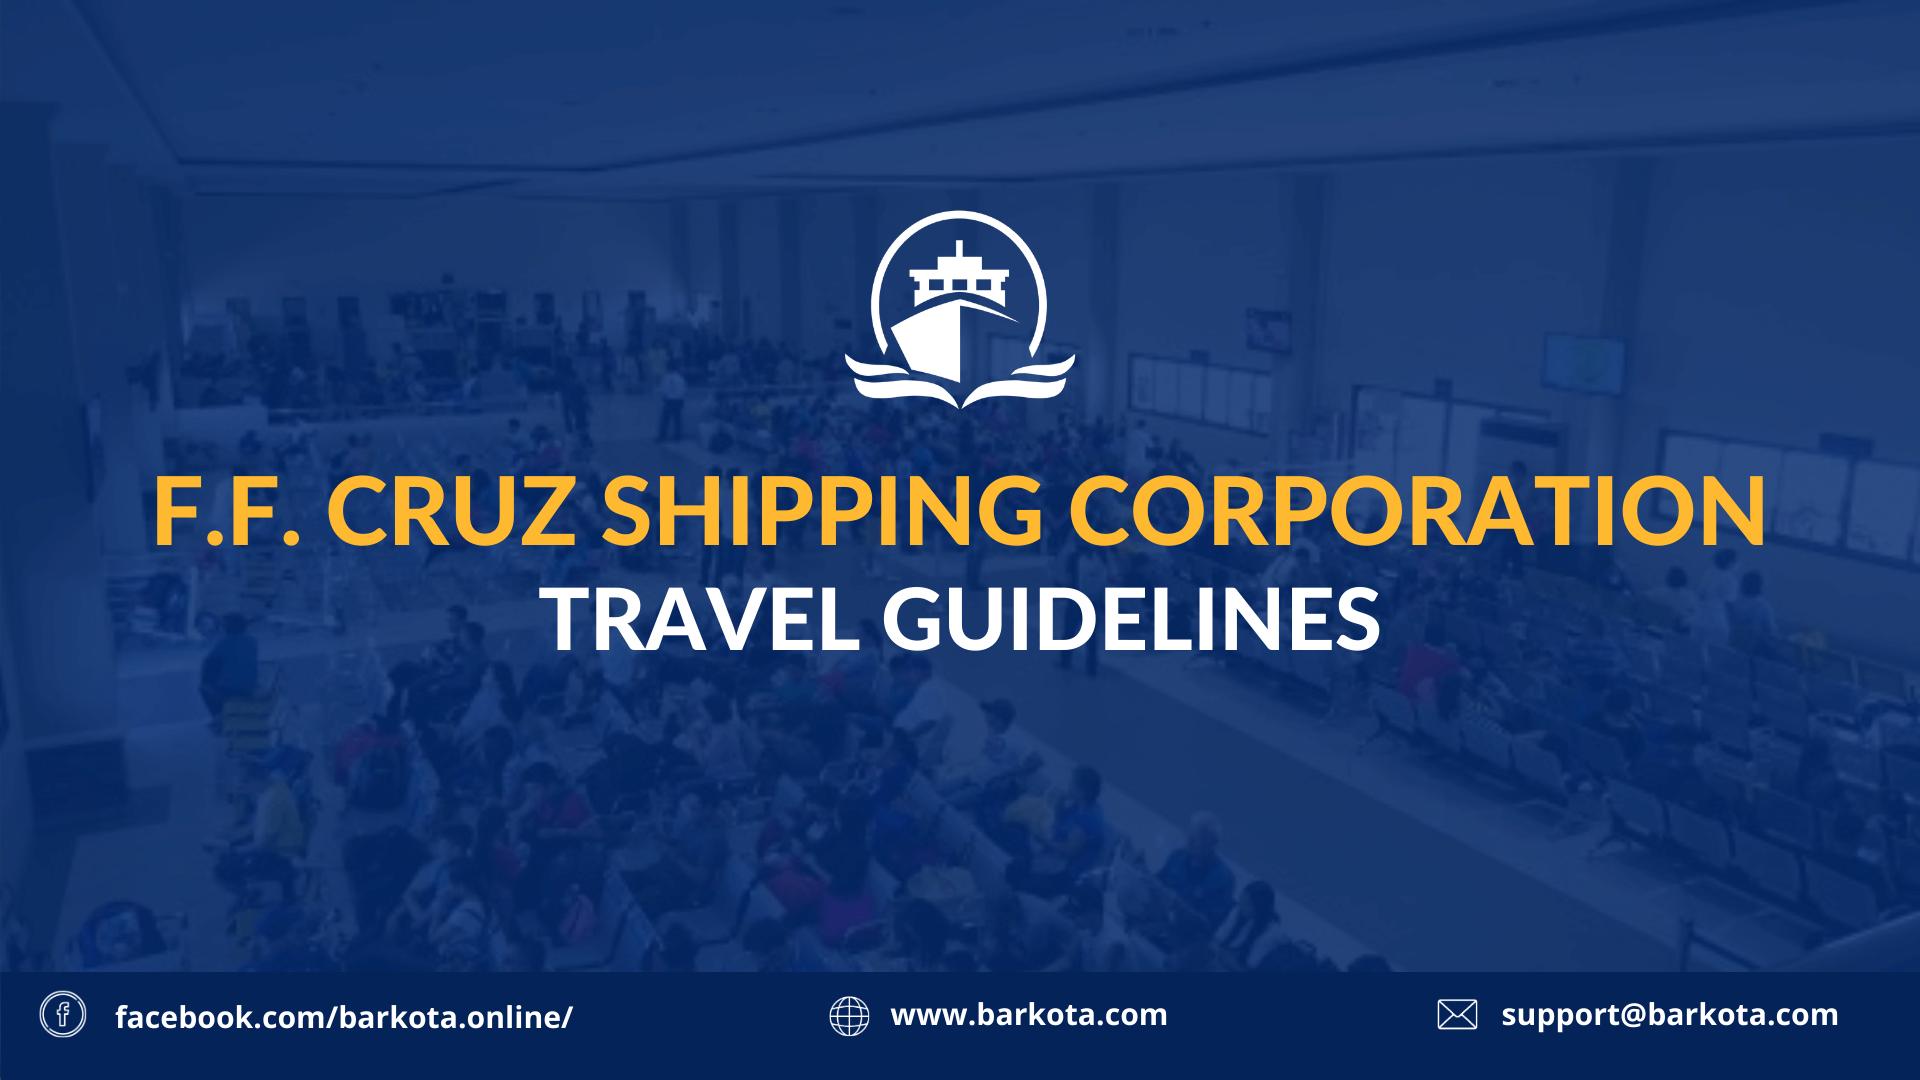 FF Cruz Shipping